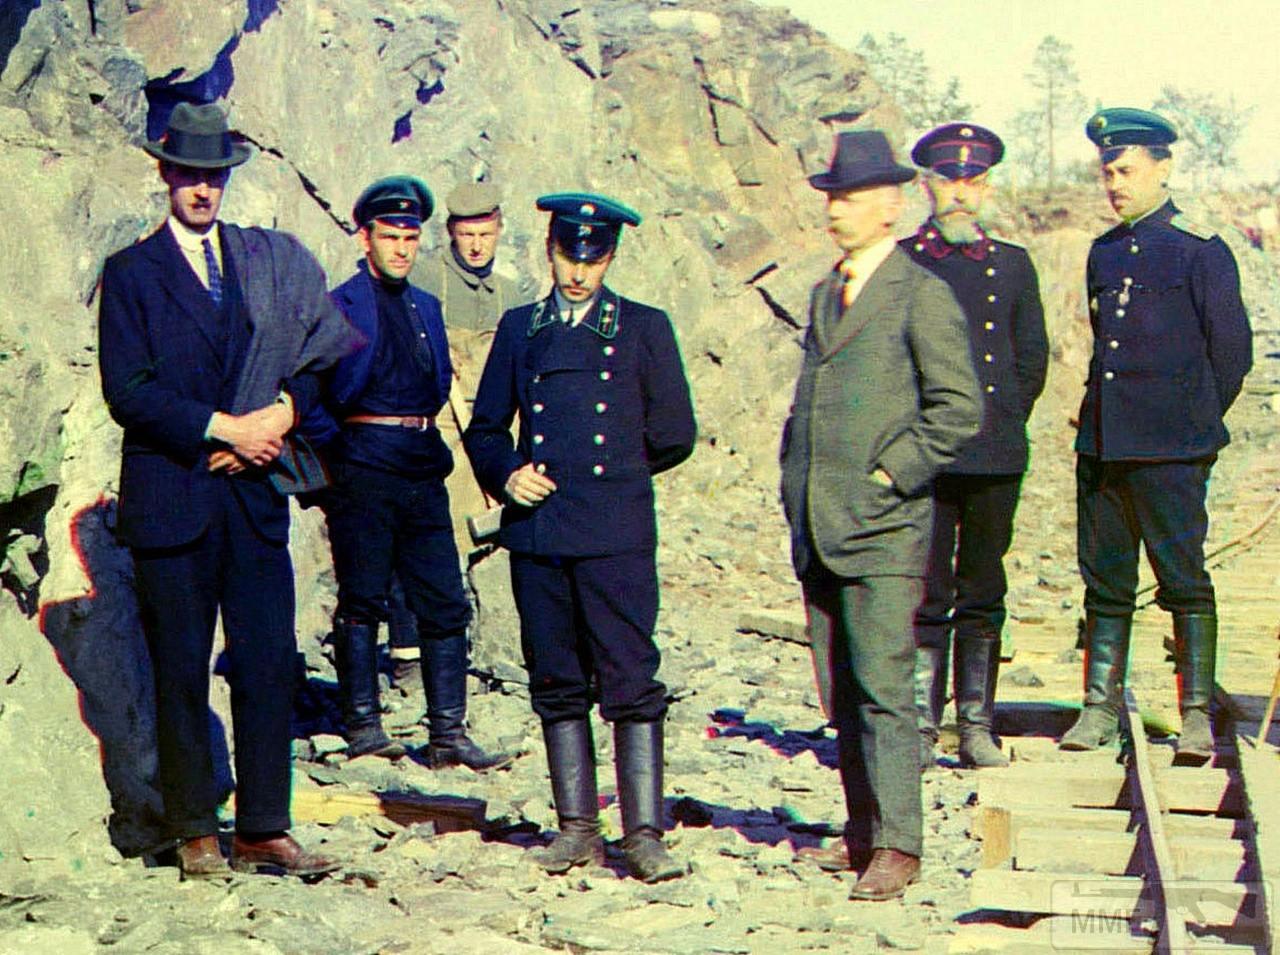 71654 - Группа гражданских инженеров, представителей МПС и военного ведомства на узкоколейке, ведущей к Кемь-пристани. На заднем плане немецкий военнопленный.